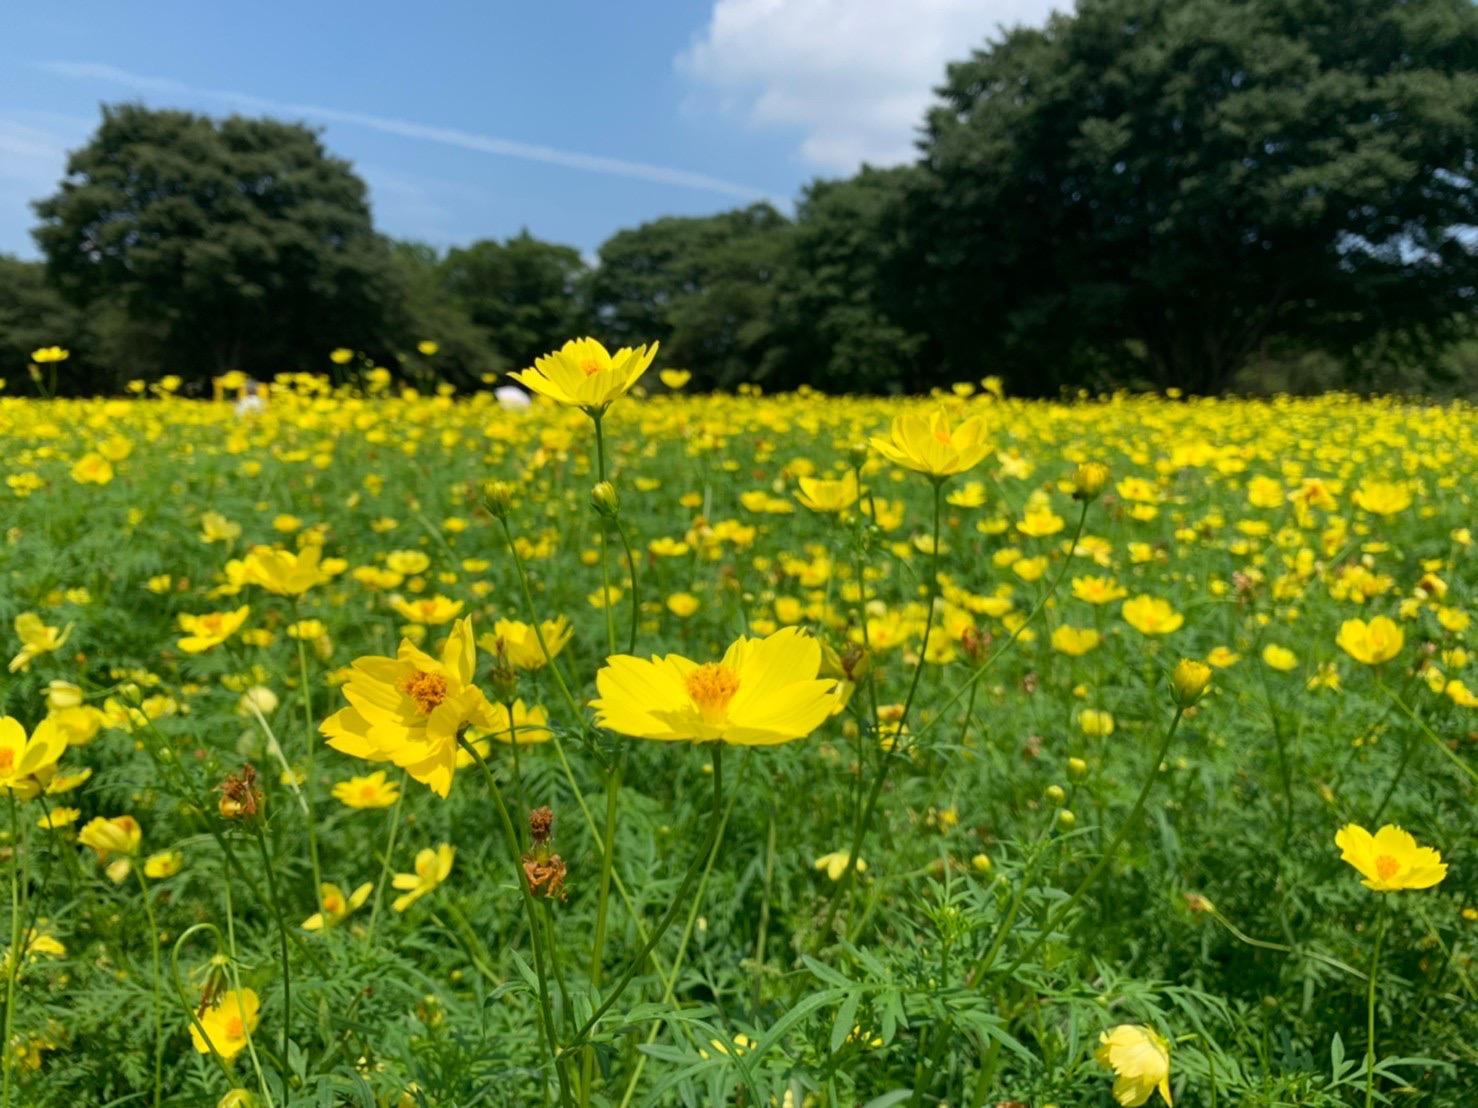 【散歩日和】夏の国営昭和記念公園での散歩おすすめポイントをご紹介!